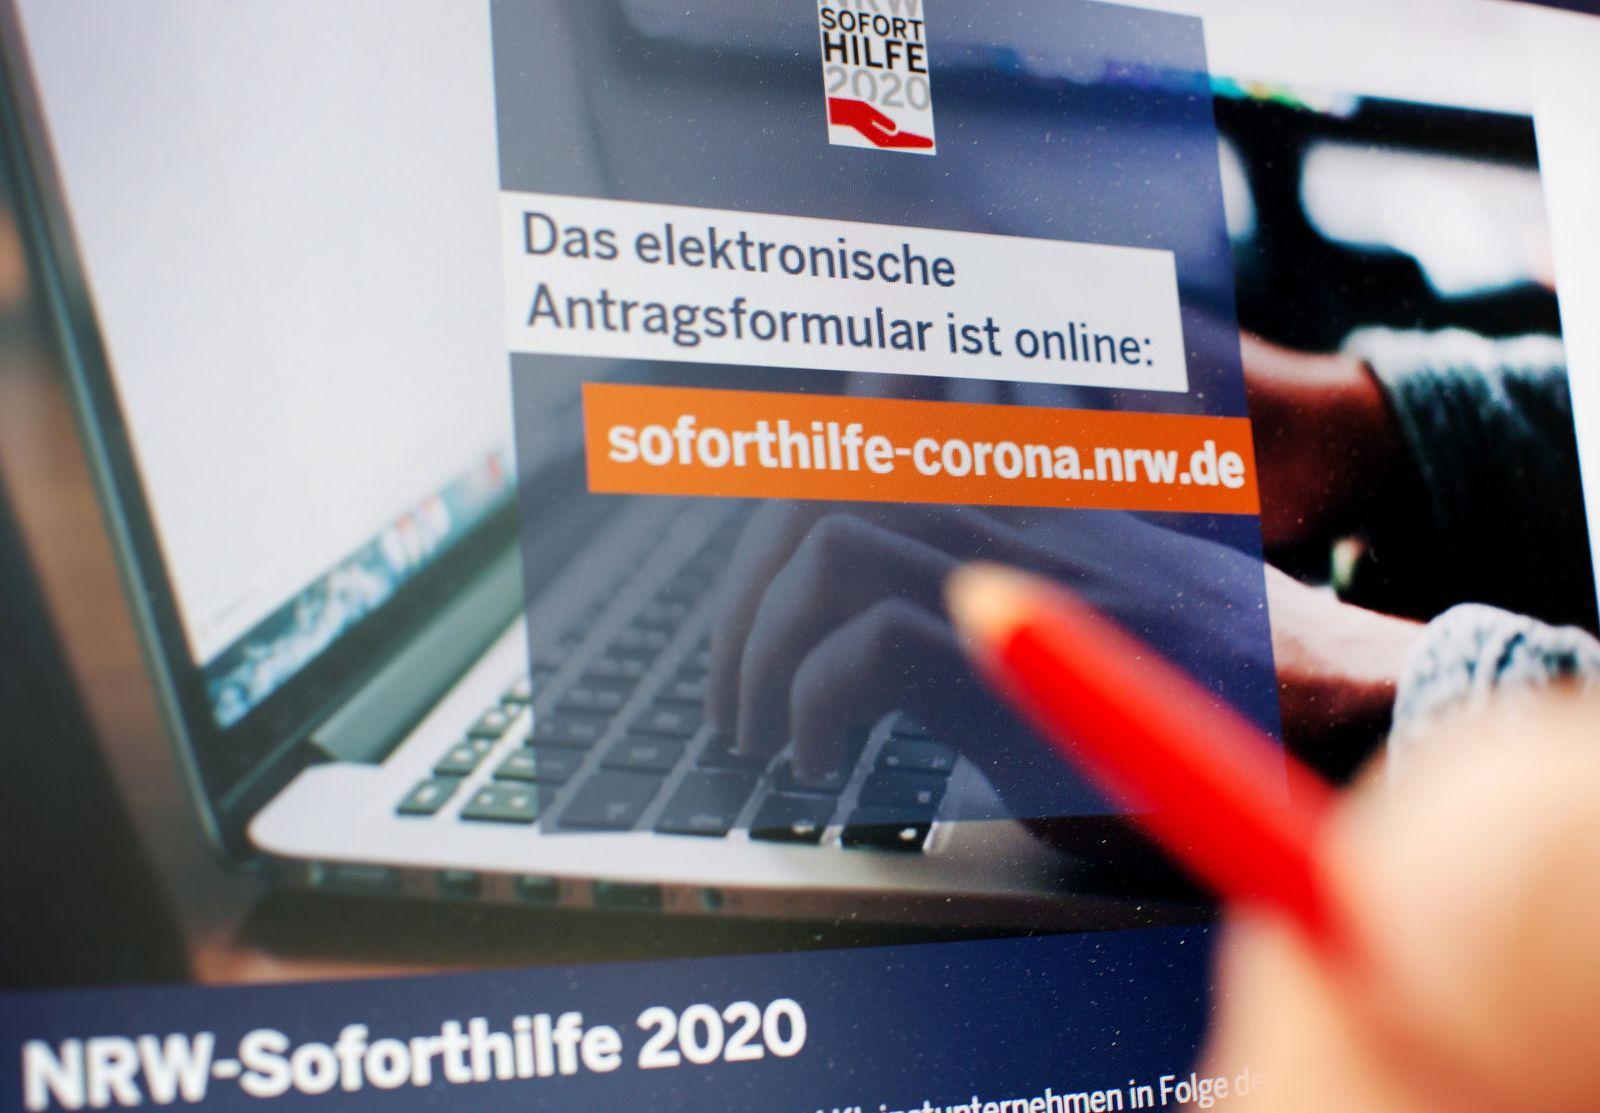 Betrugsverdacht: NRW stoppt Auszahlung von Soforthilfen